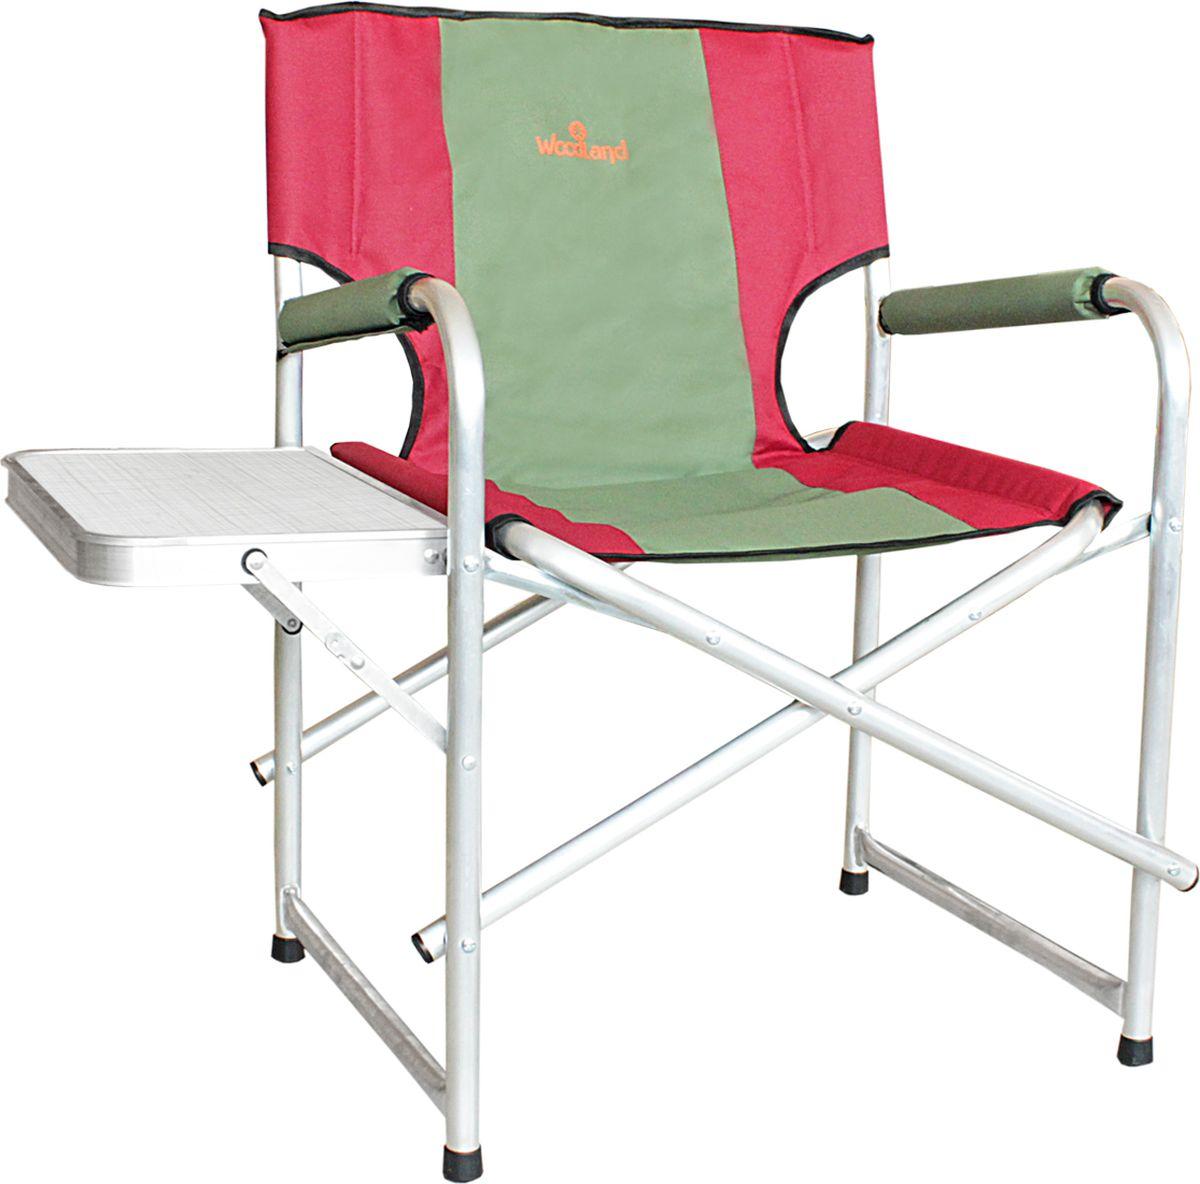 Кресло складное Woodland Super Max+, со столиком, цвет: красный, оливковый, 55 x 62 x 63 см